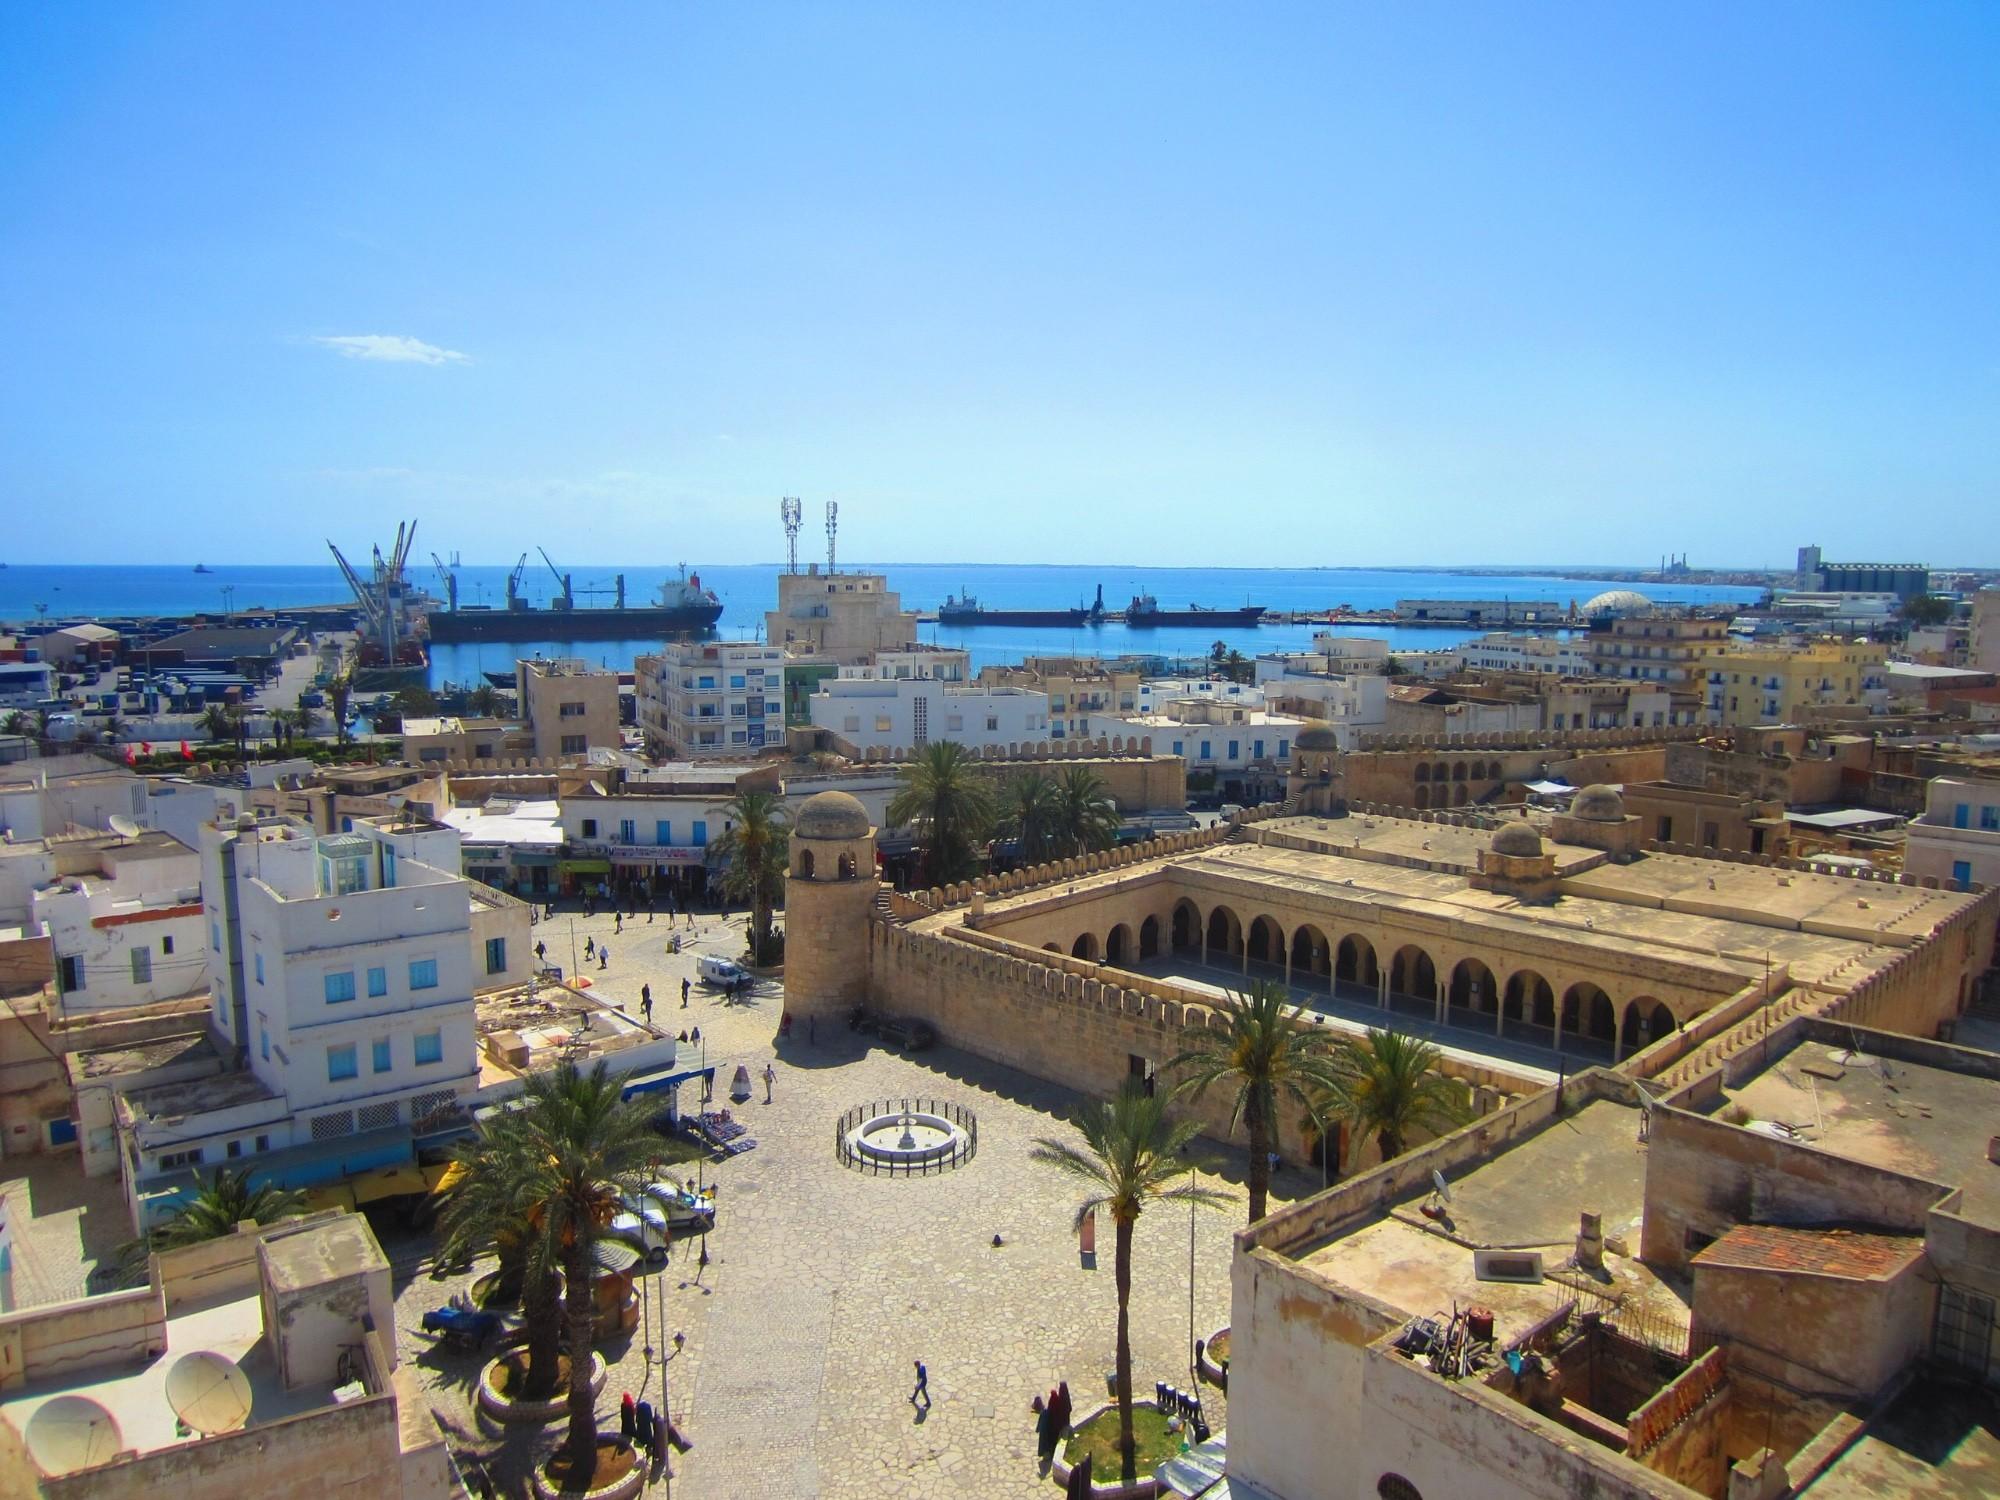 почему-то посмотреть город тунис фото редко используется для